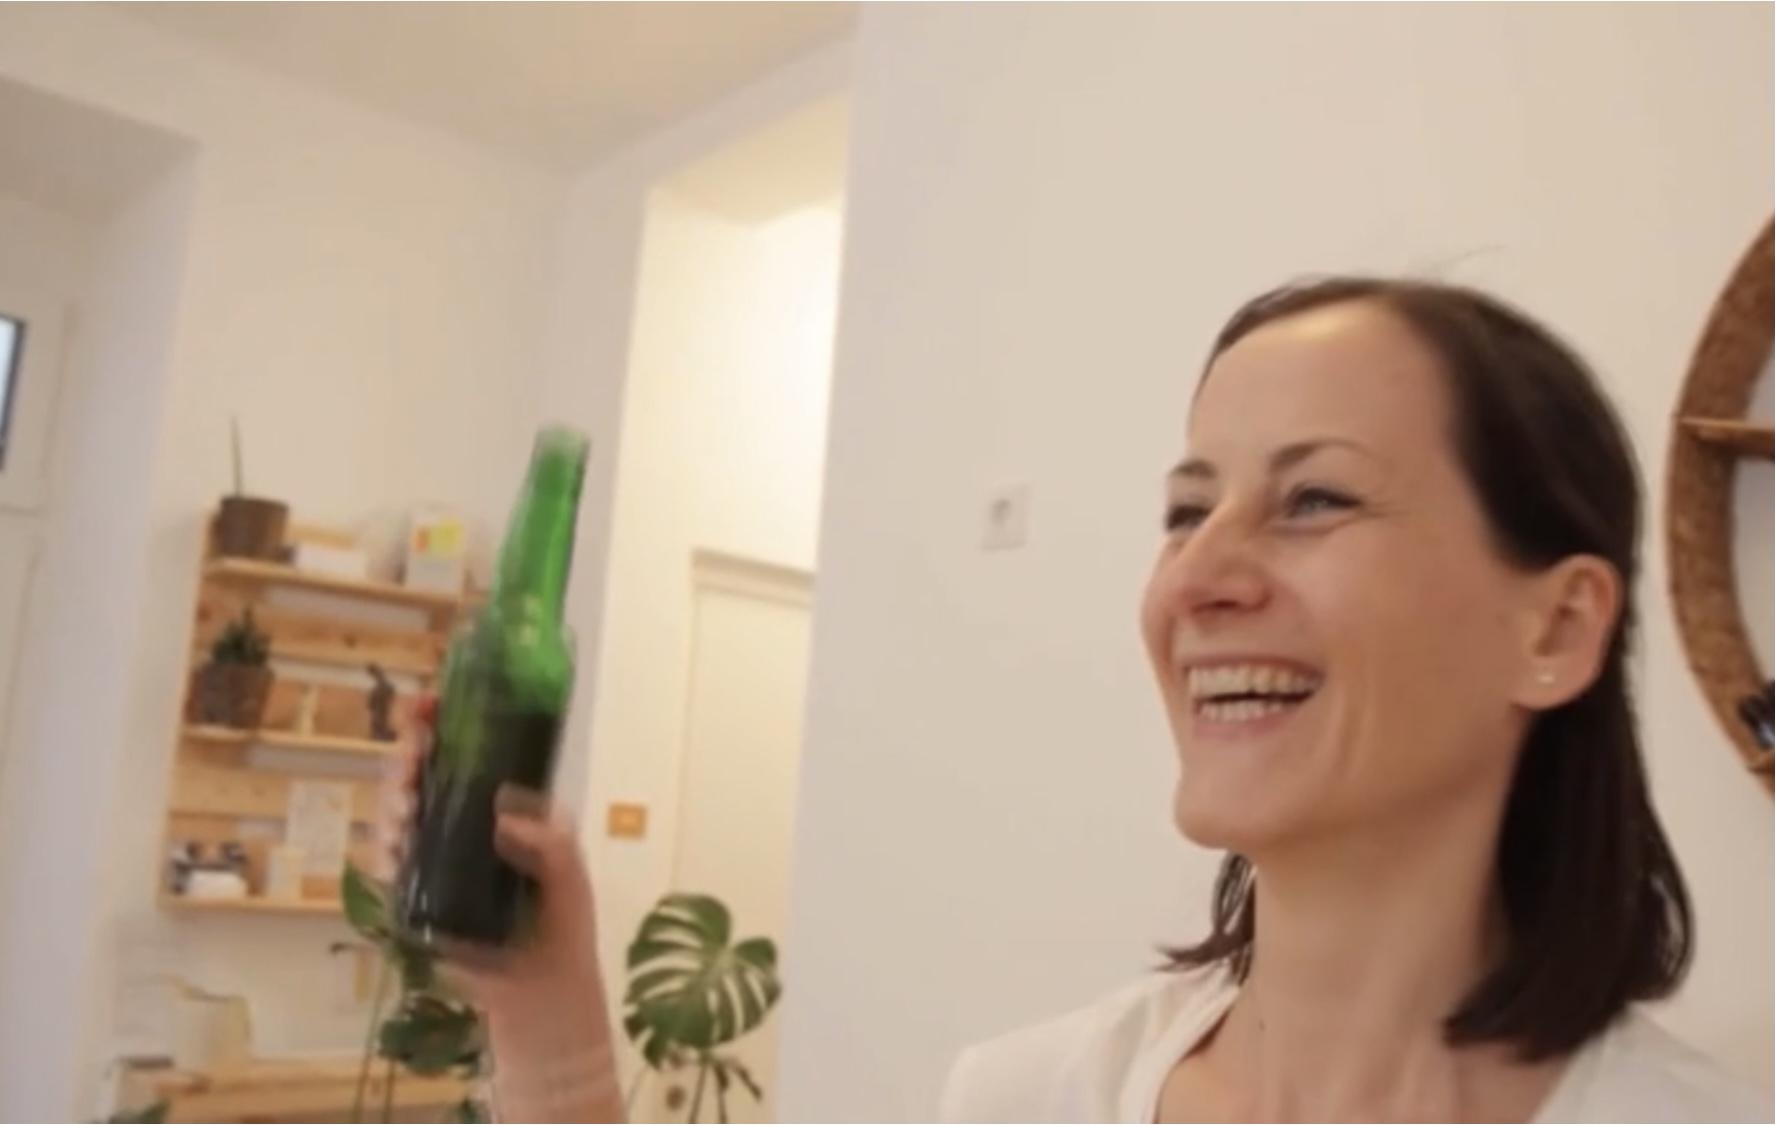 Ein Porträtfoto von Klaudia, lächelnd mit einer kleinen grünen Bierflasche in ihrer rechten Hand